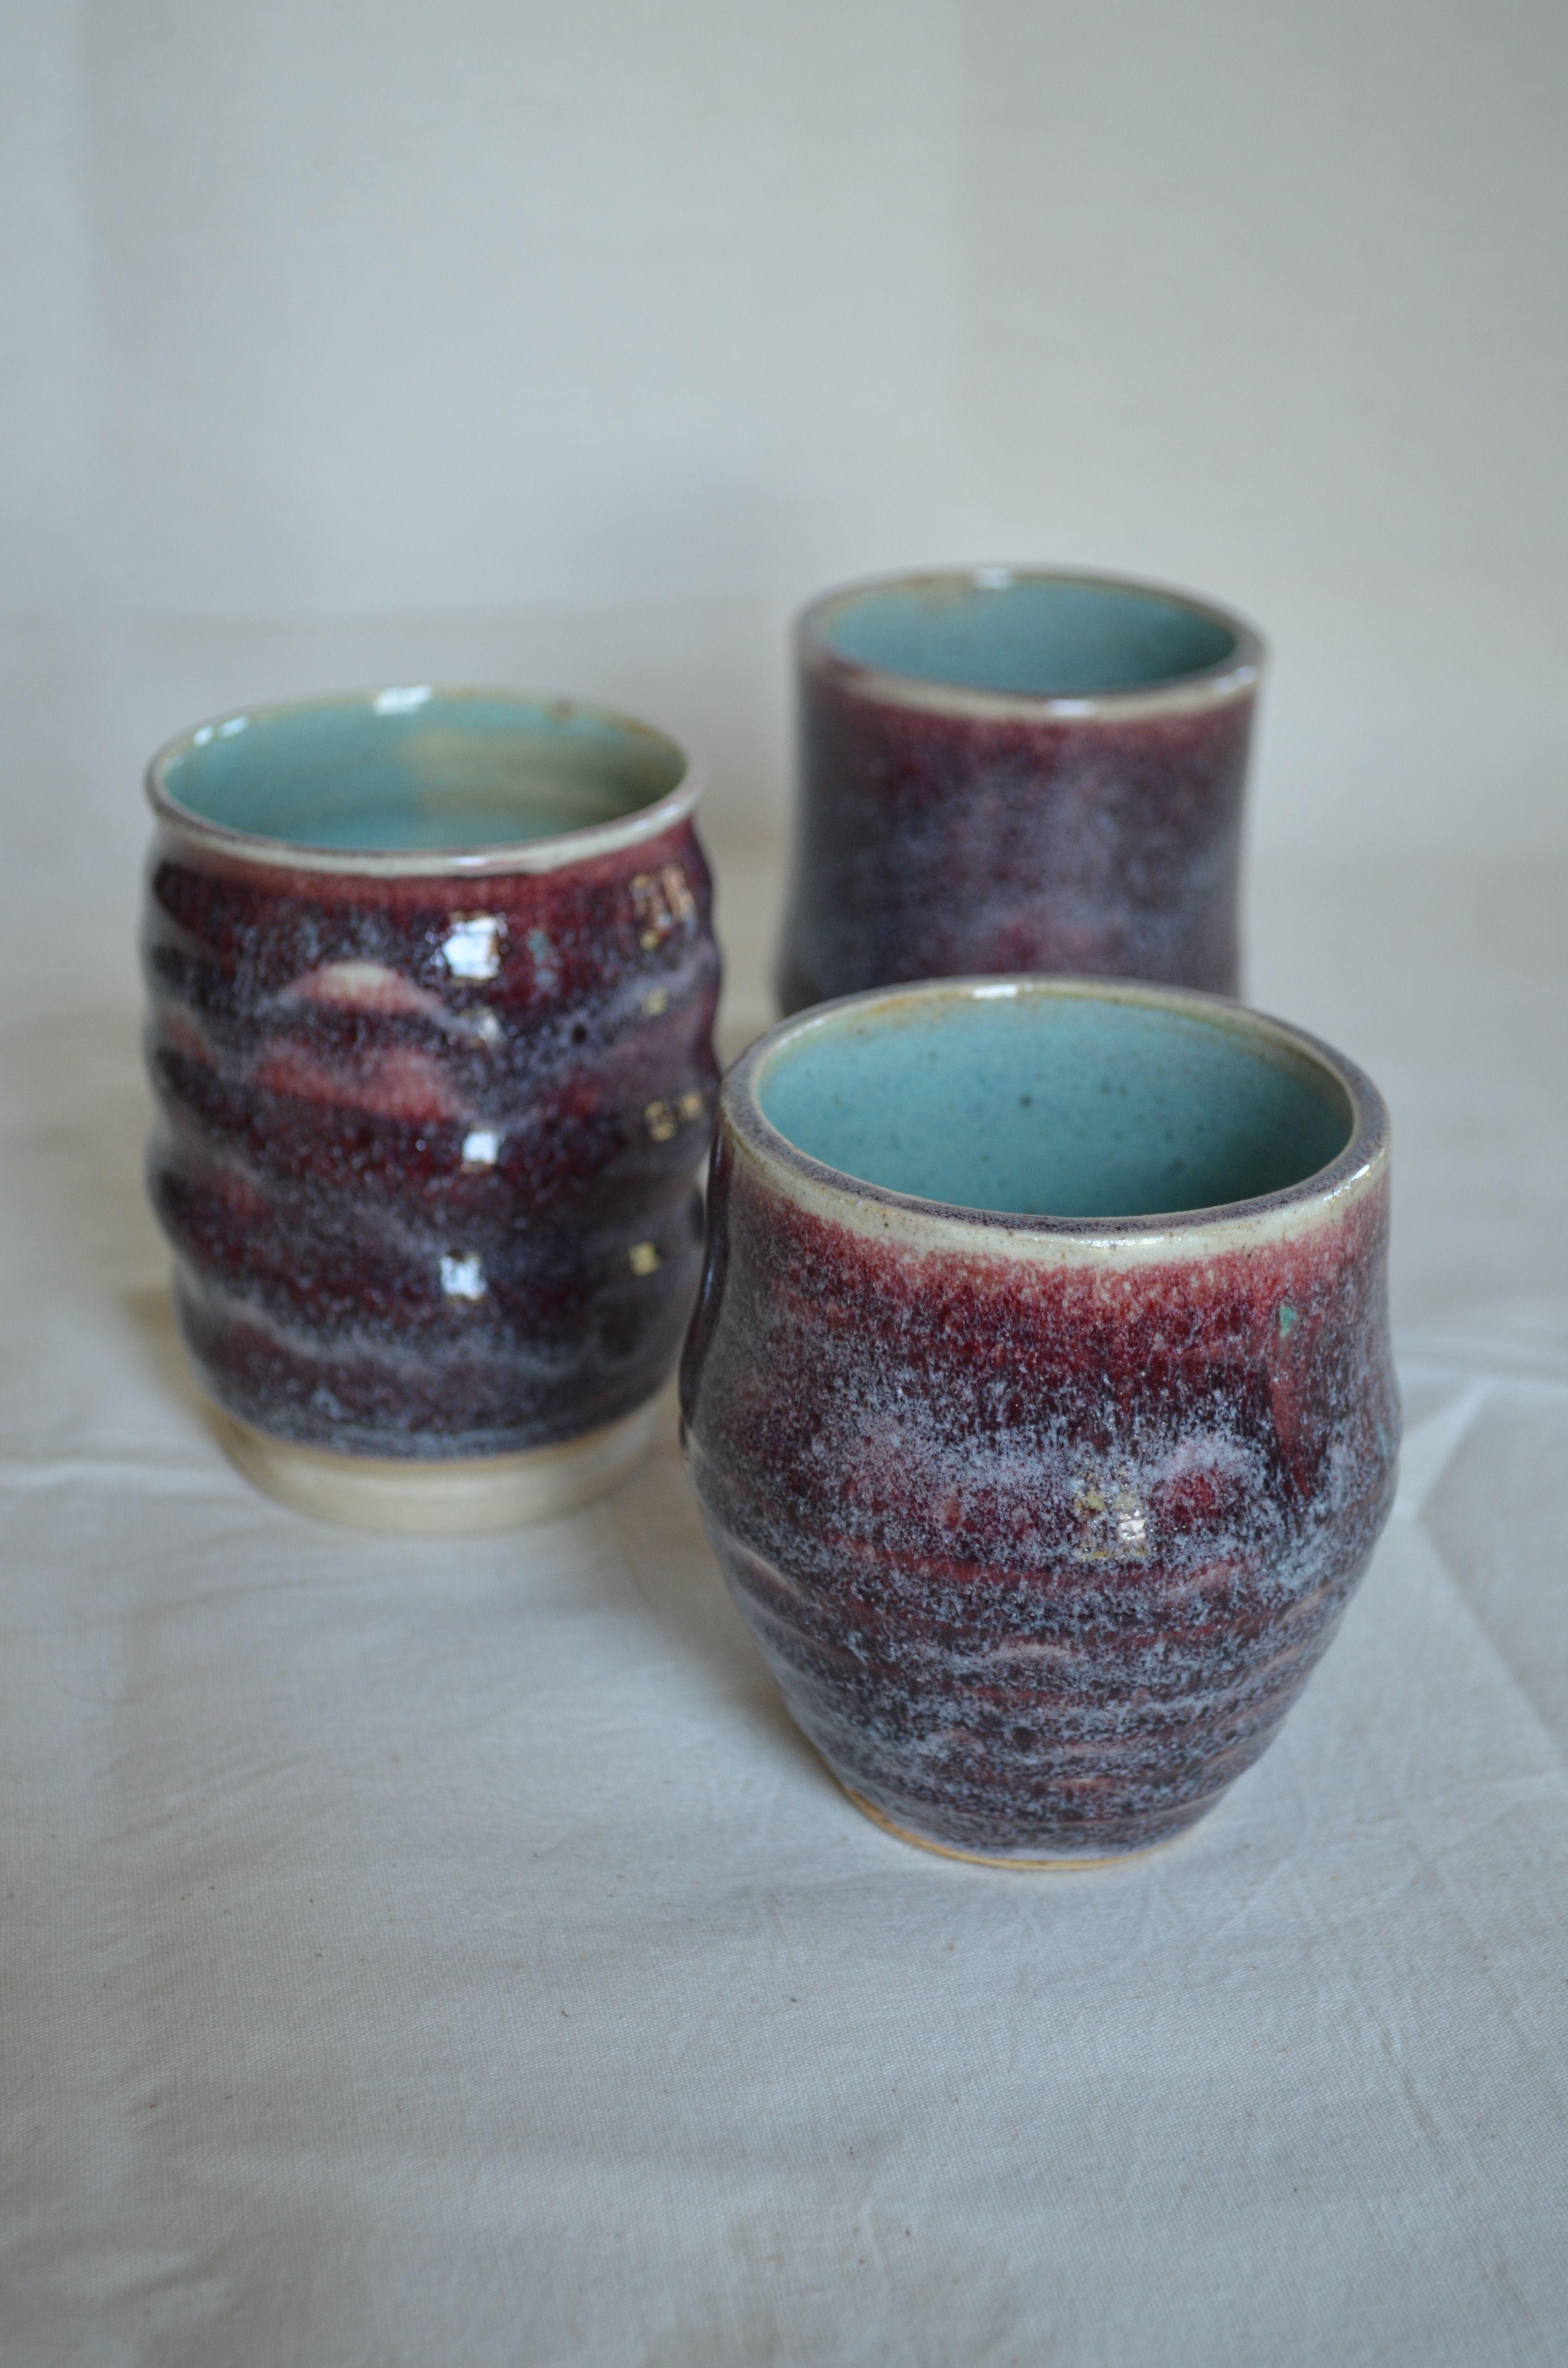 Pasceramics Coyote Glaze Ceramic Glaze Recipes Pottery Glazes Glaze Recipe